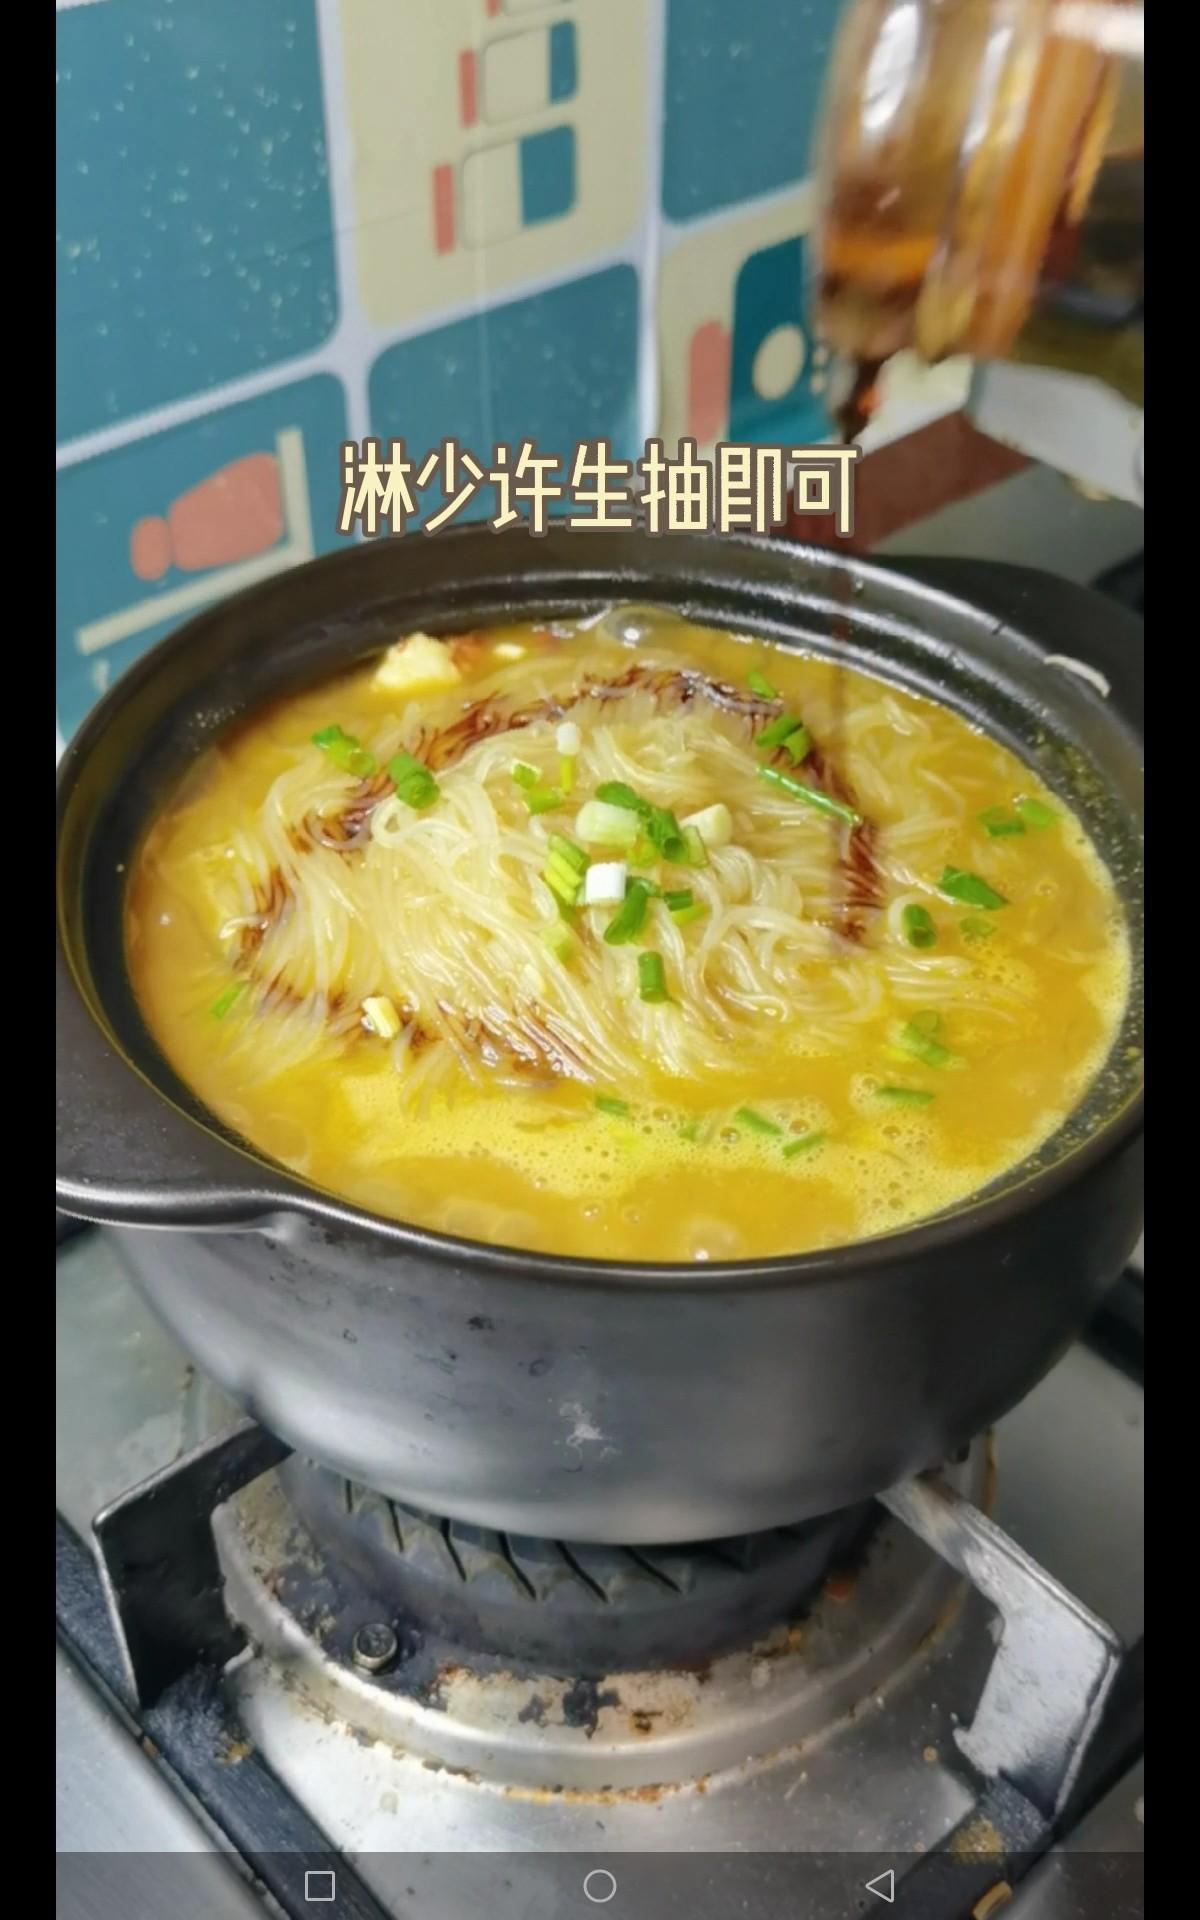 咖喱虾仁粉丝煲怎么炖